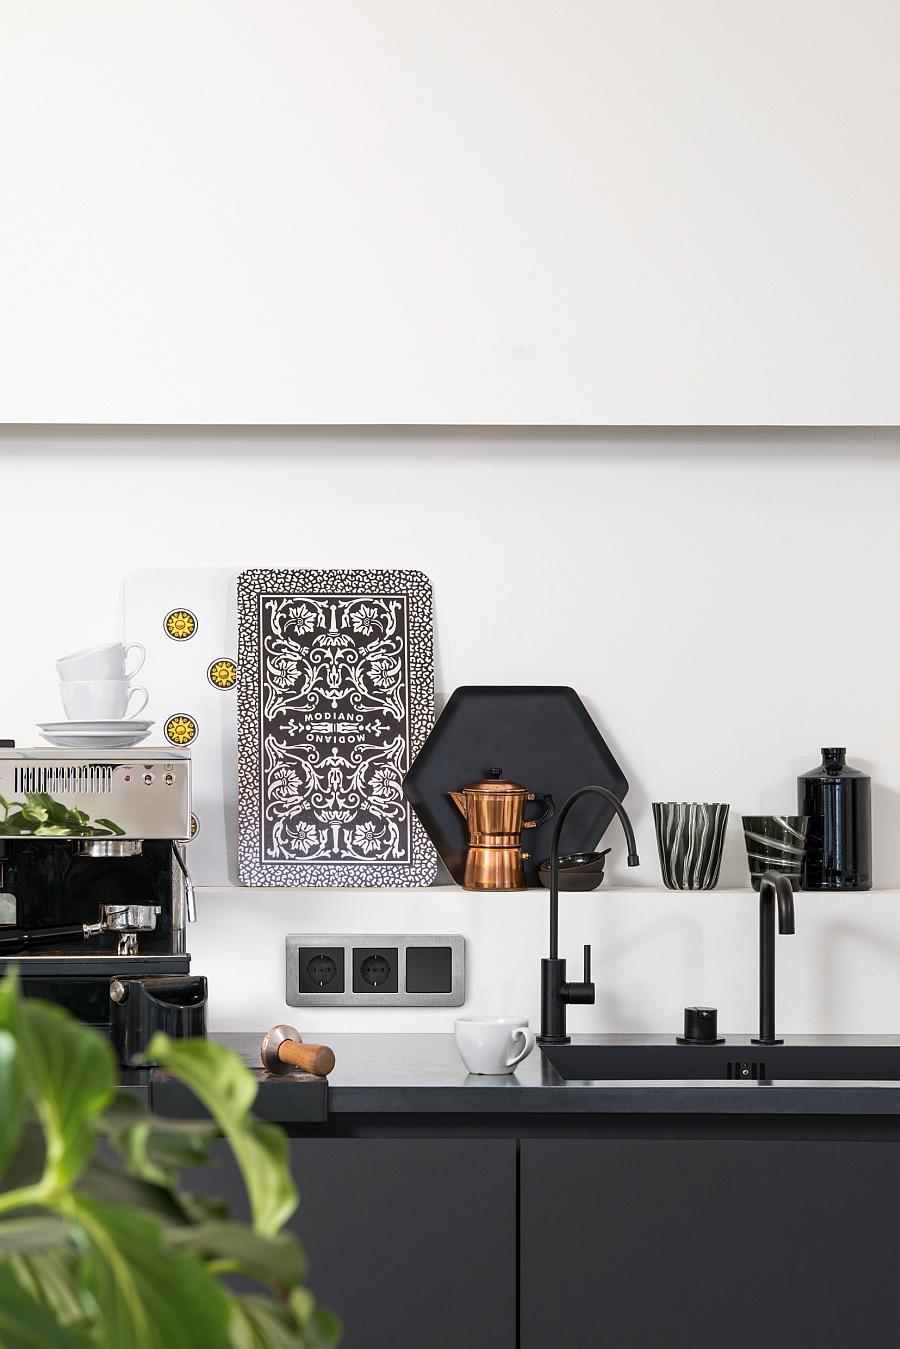 Lichtschalter aus ganz neuen Materialien - Küchenkompass